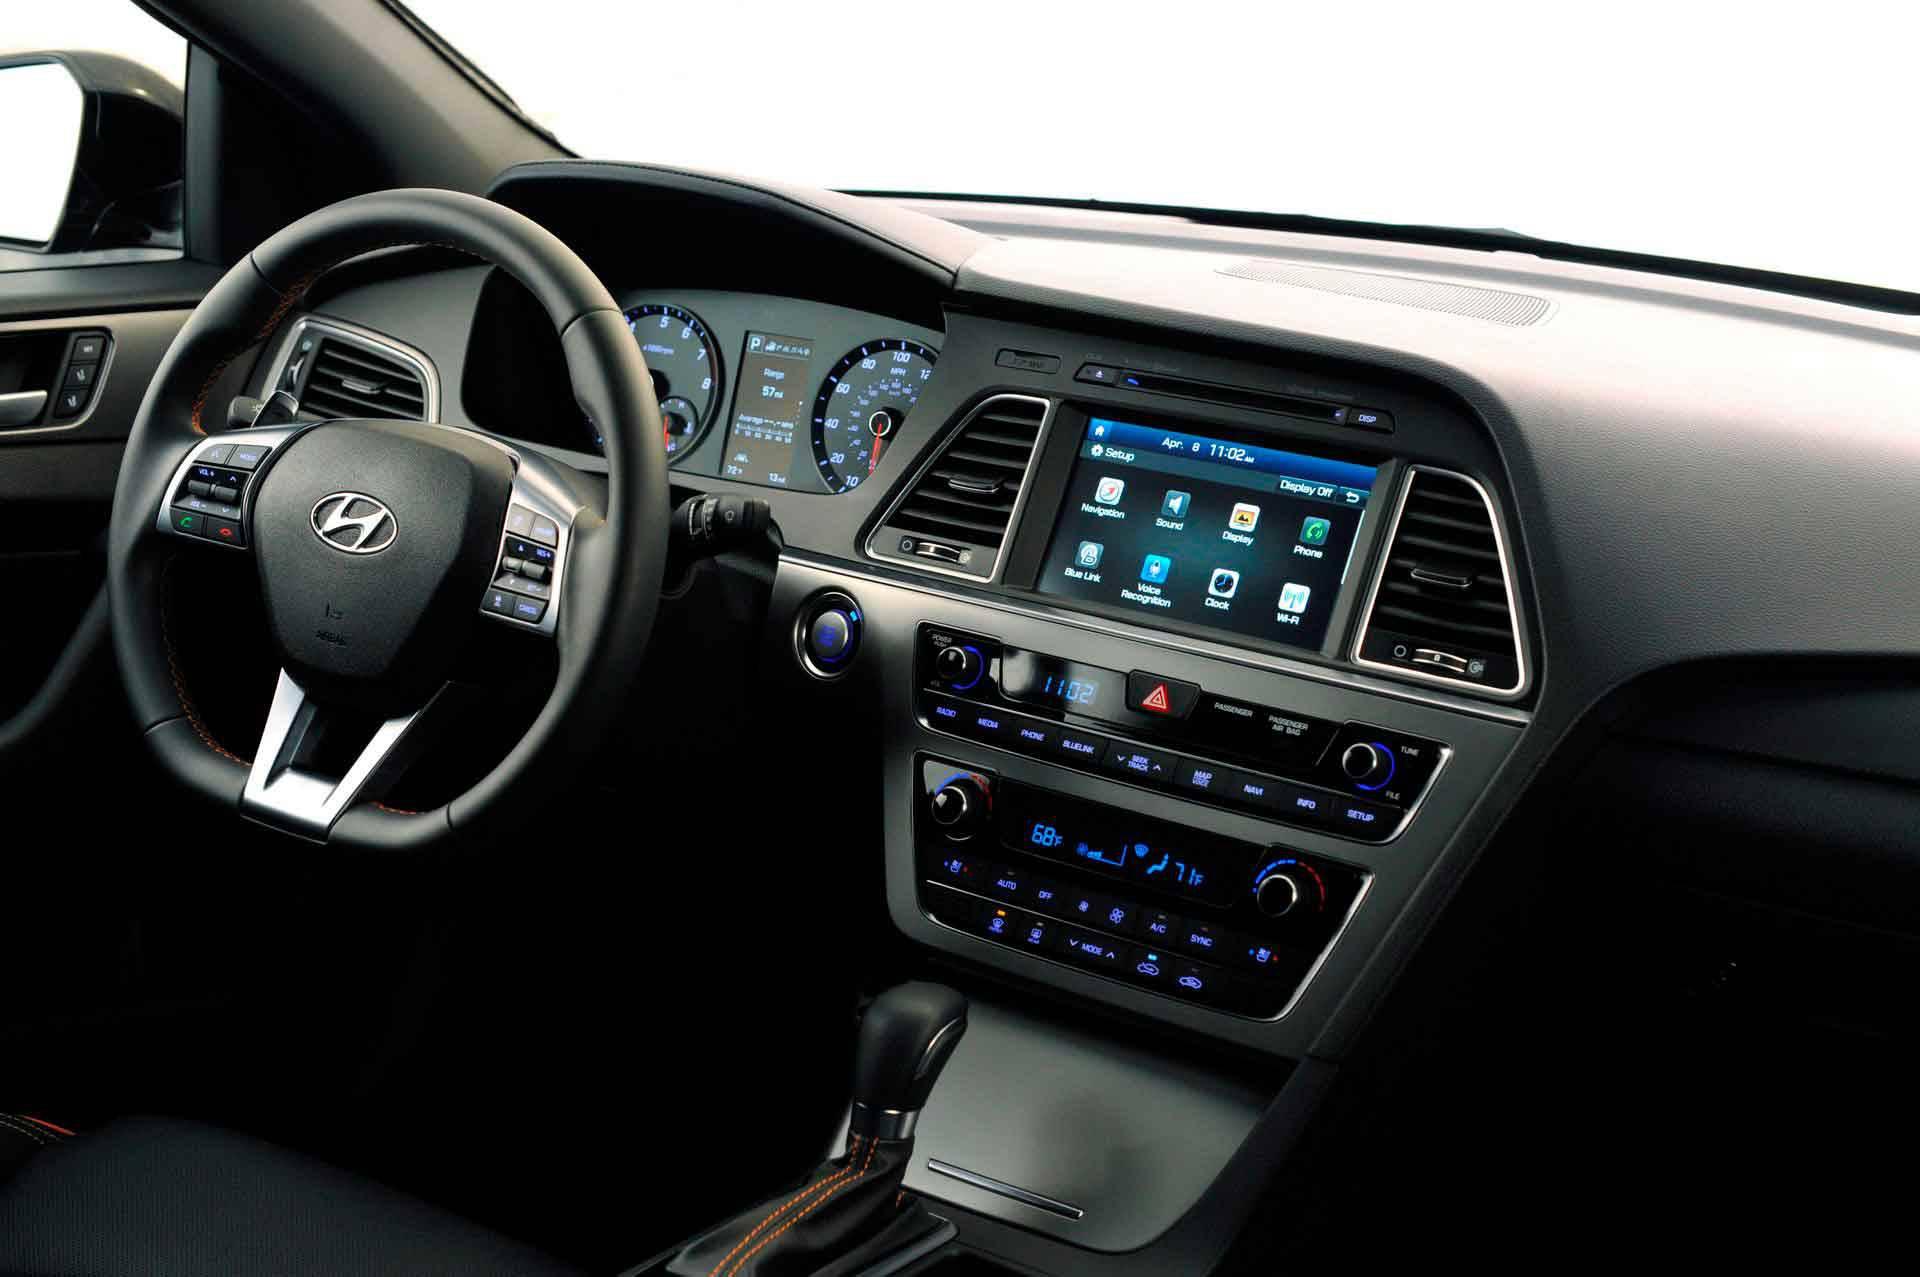 _Hyundai-Sonata-2014-9